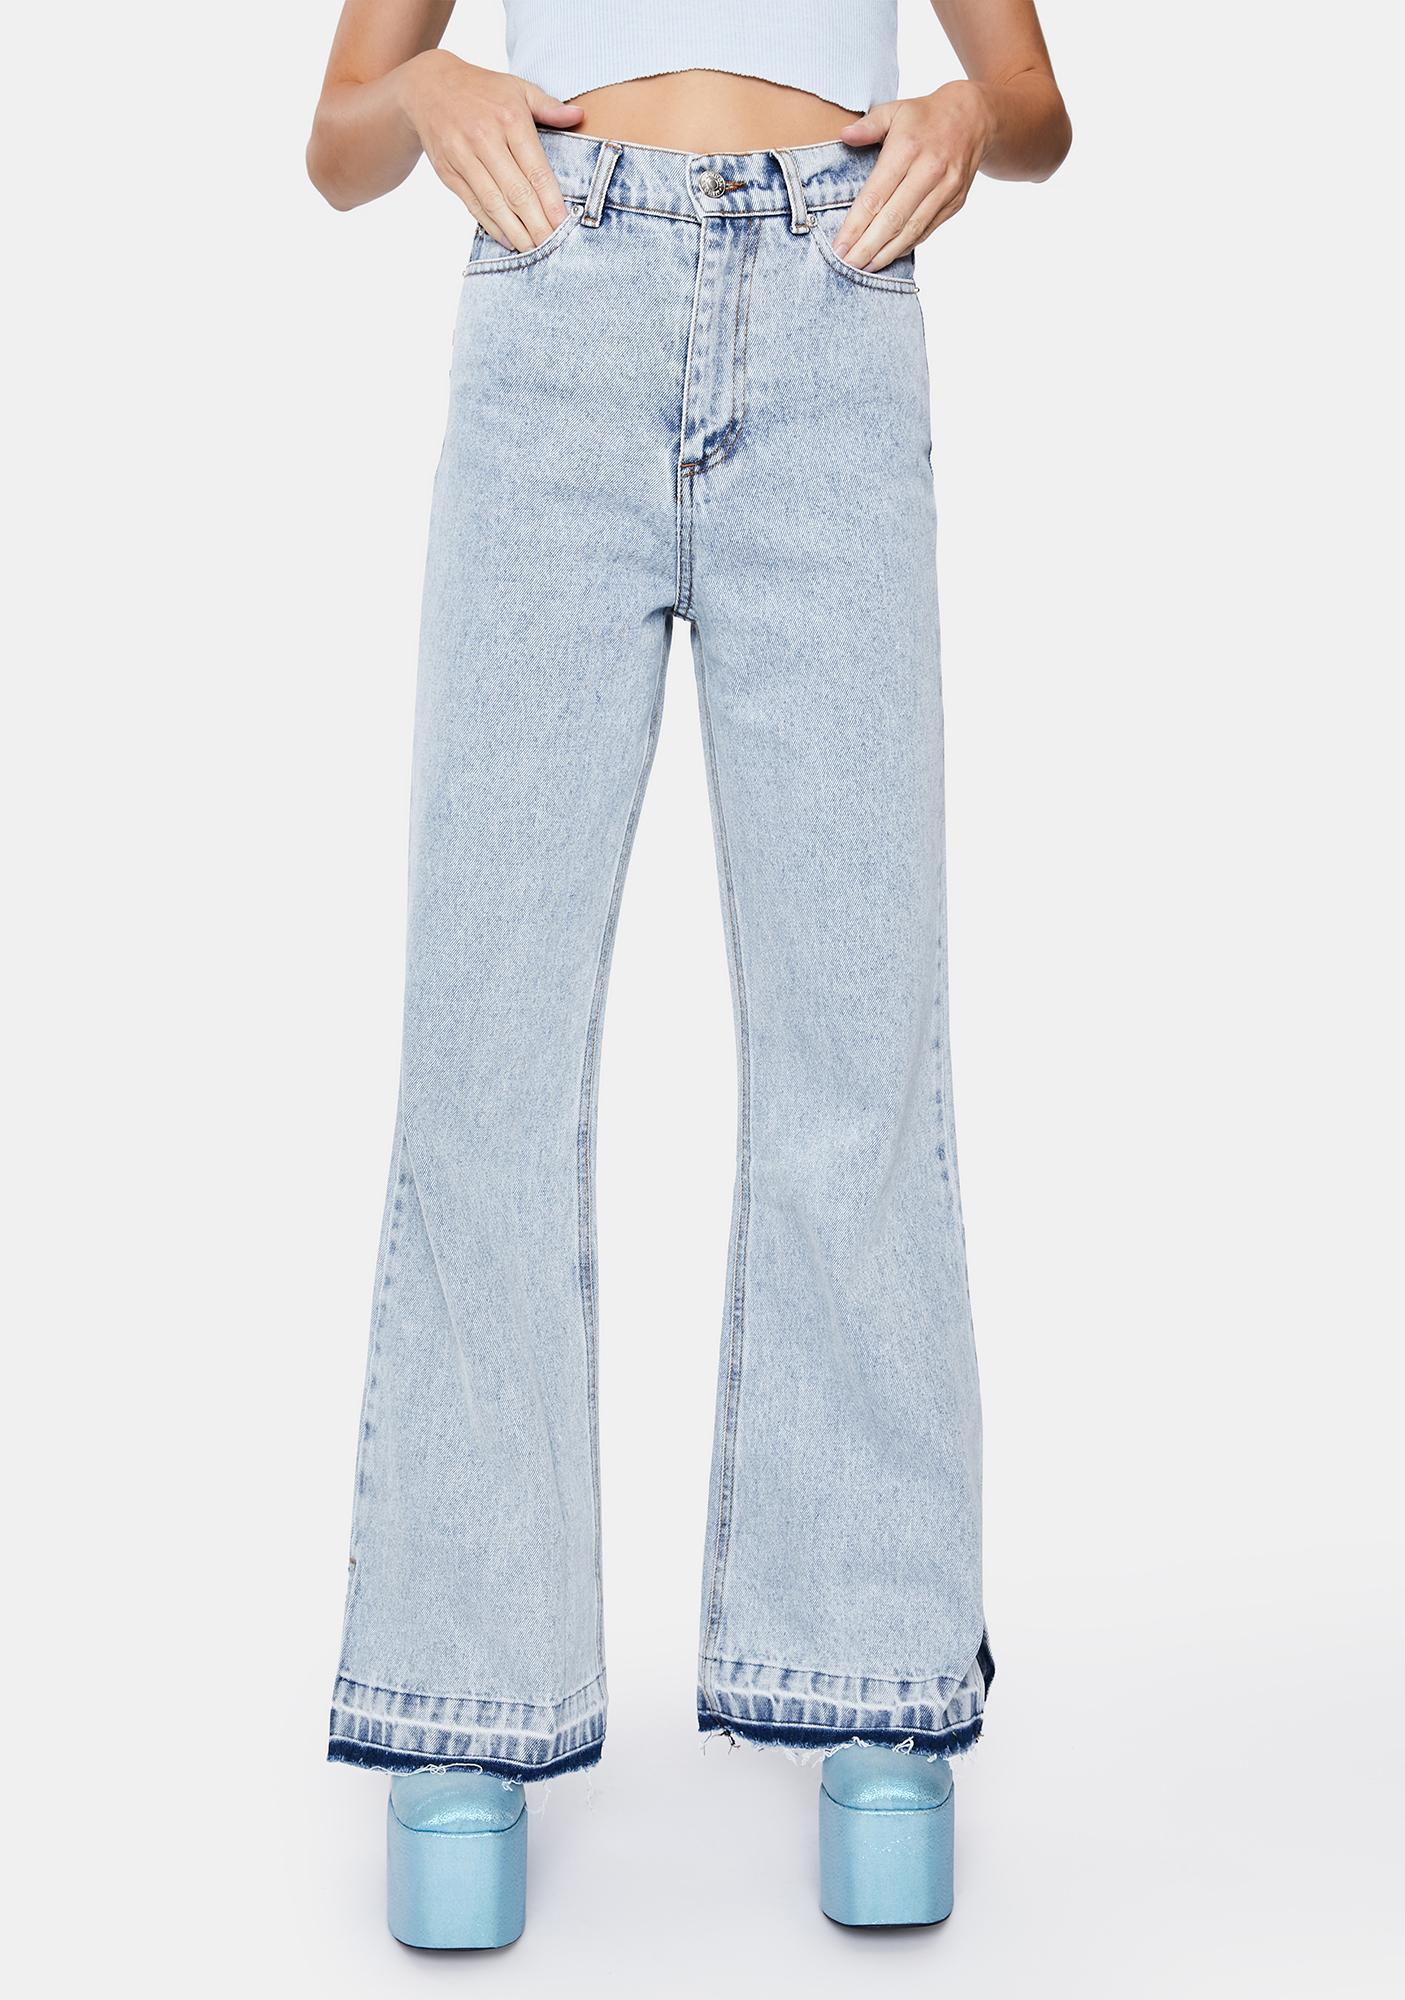 Minga Acid Blue 70s Flare Jeans